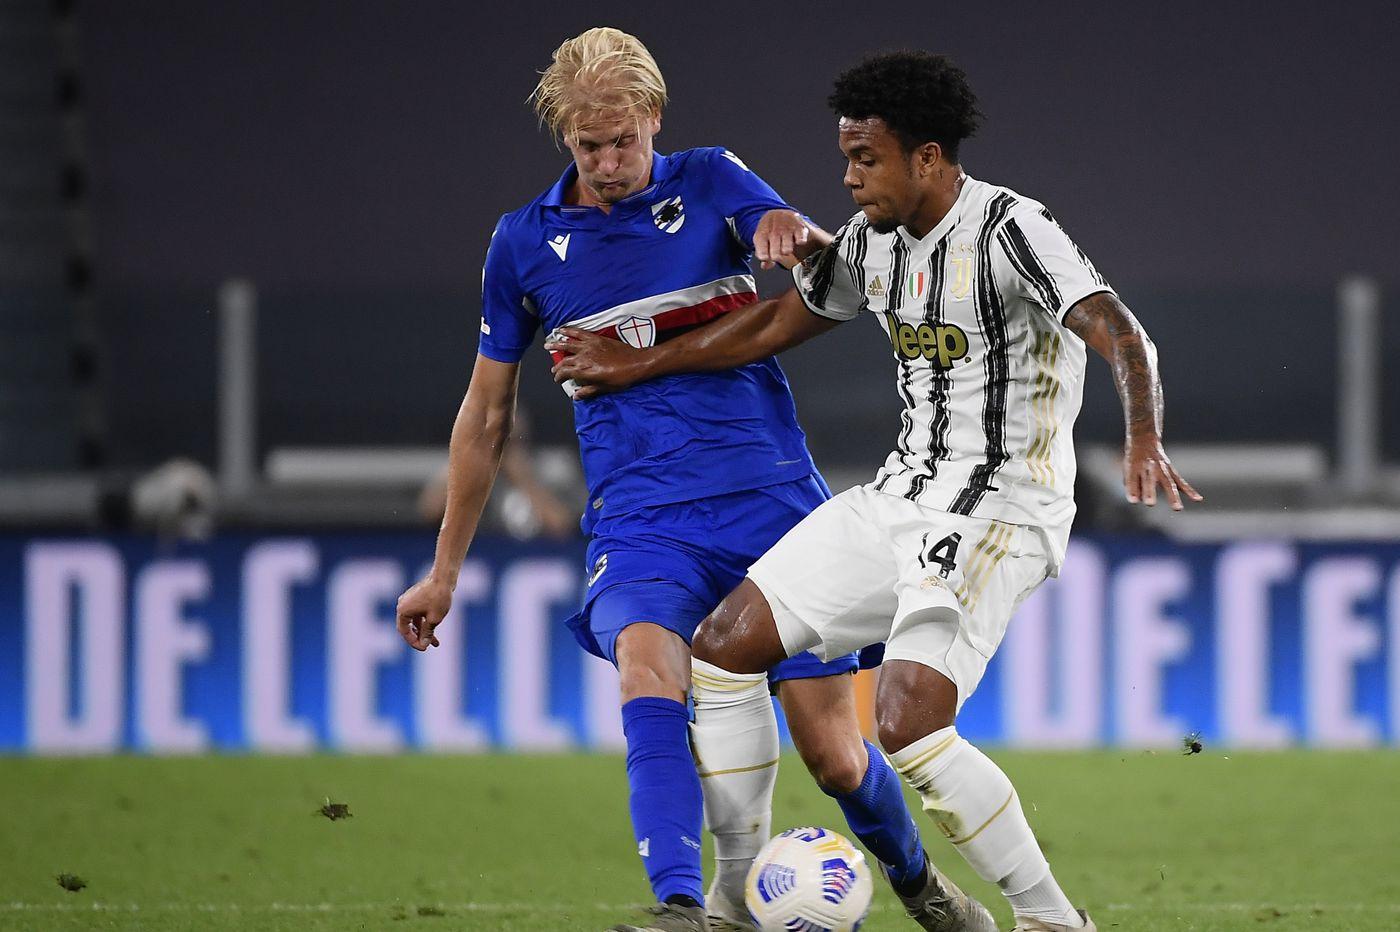 USMNT, Juventus midfielder Weston McKennie tests positive for COVID-19